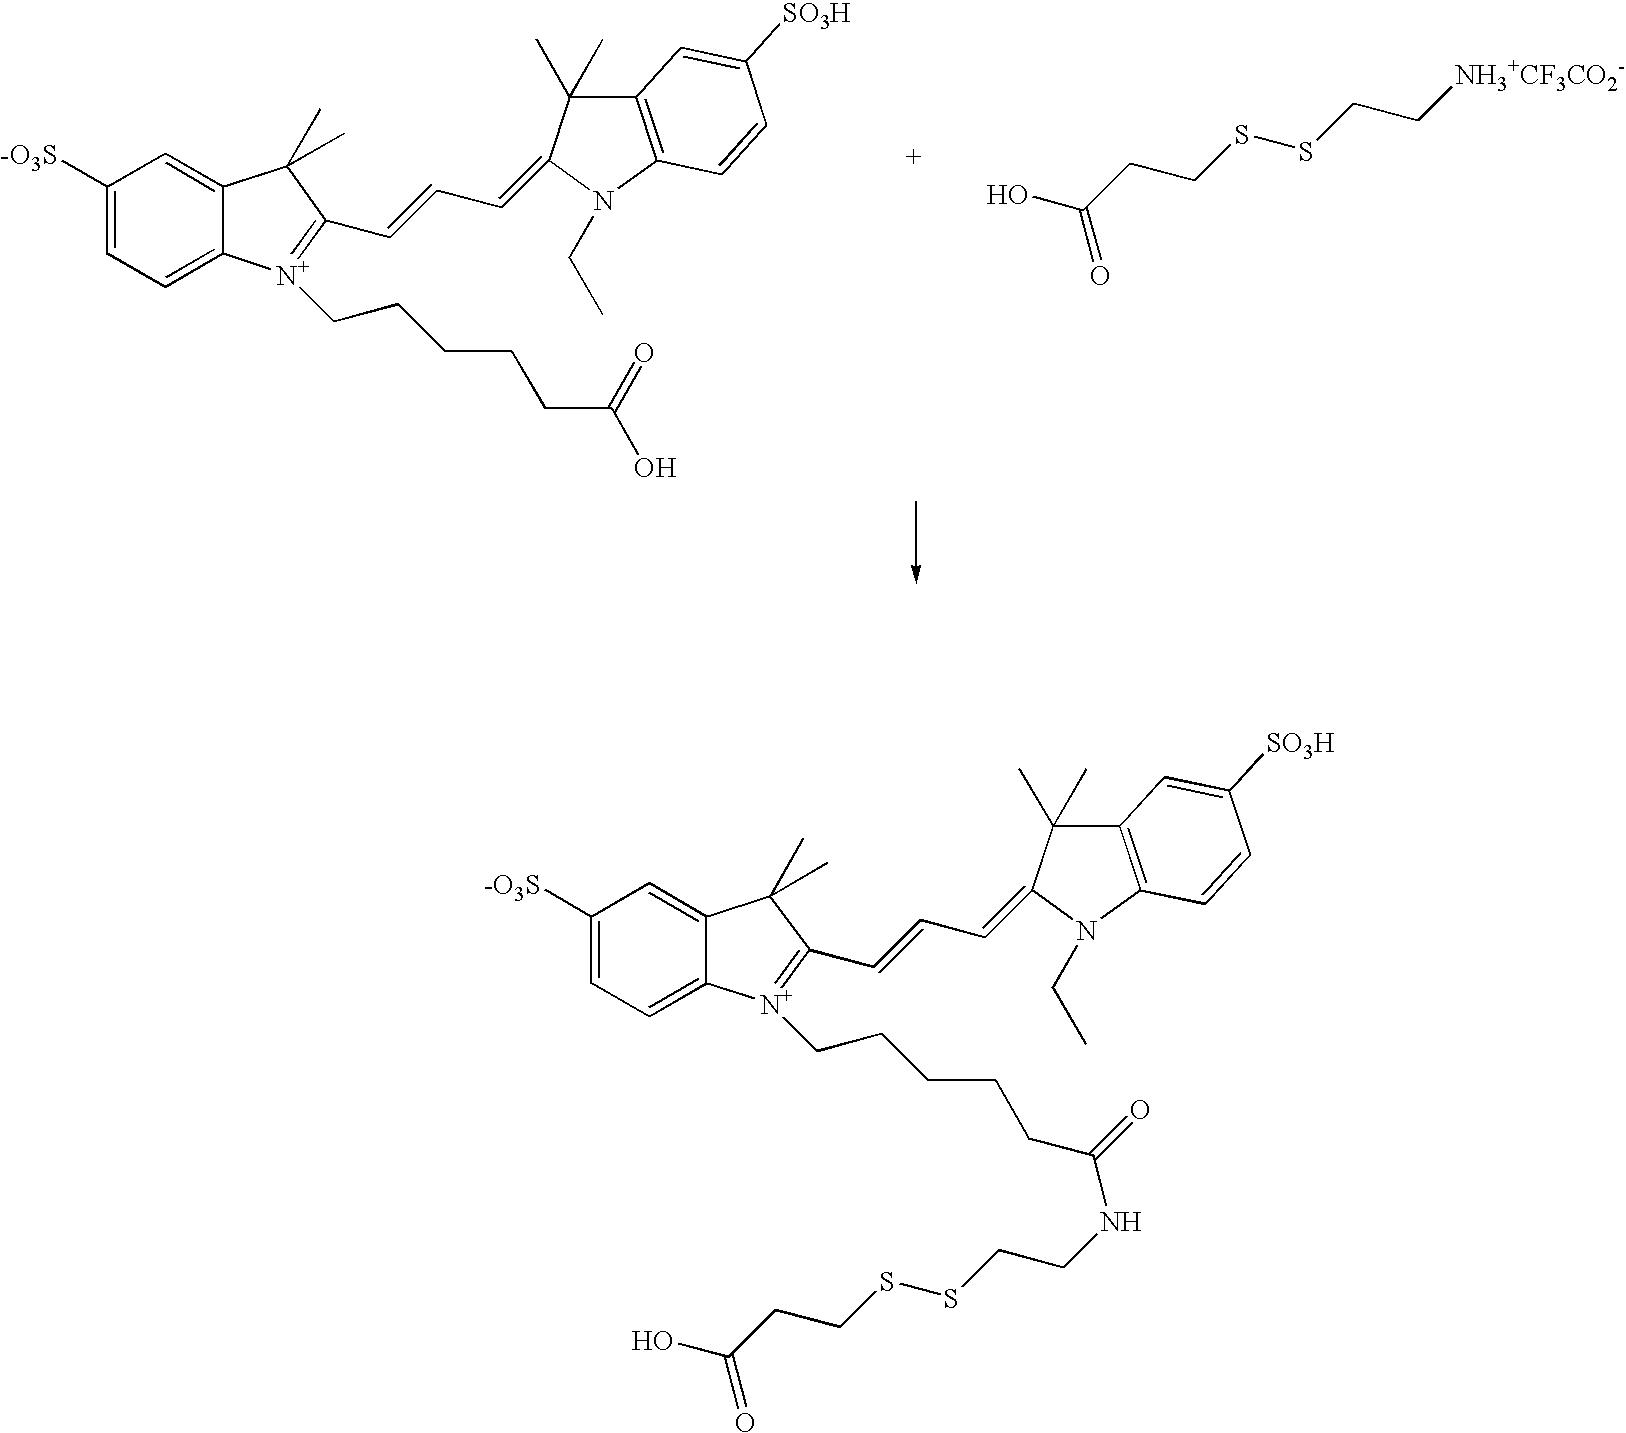 Figure US07771973-20100810-C00011